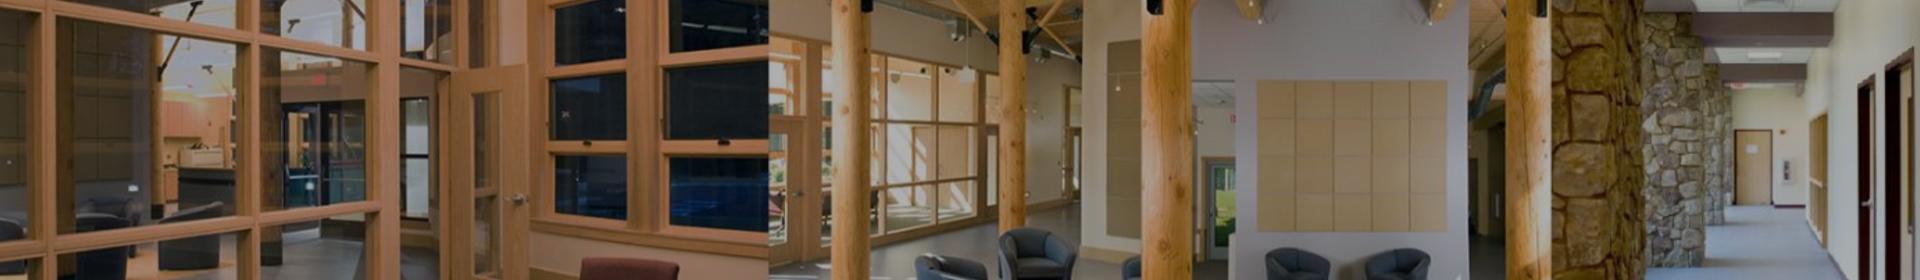 Incubators & Makerspaces